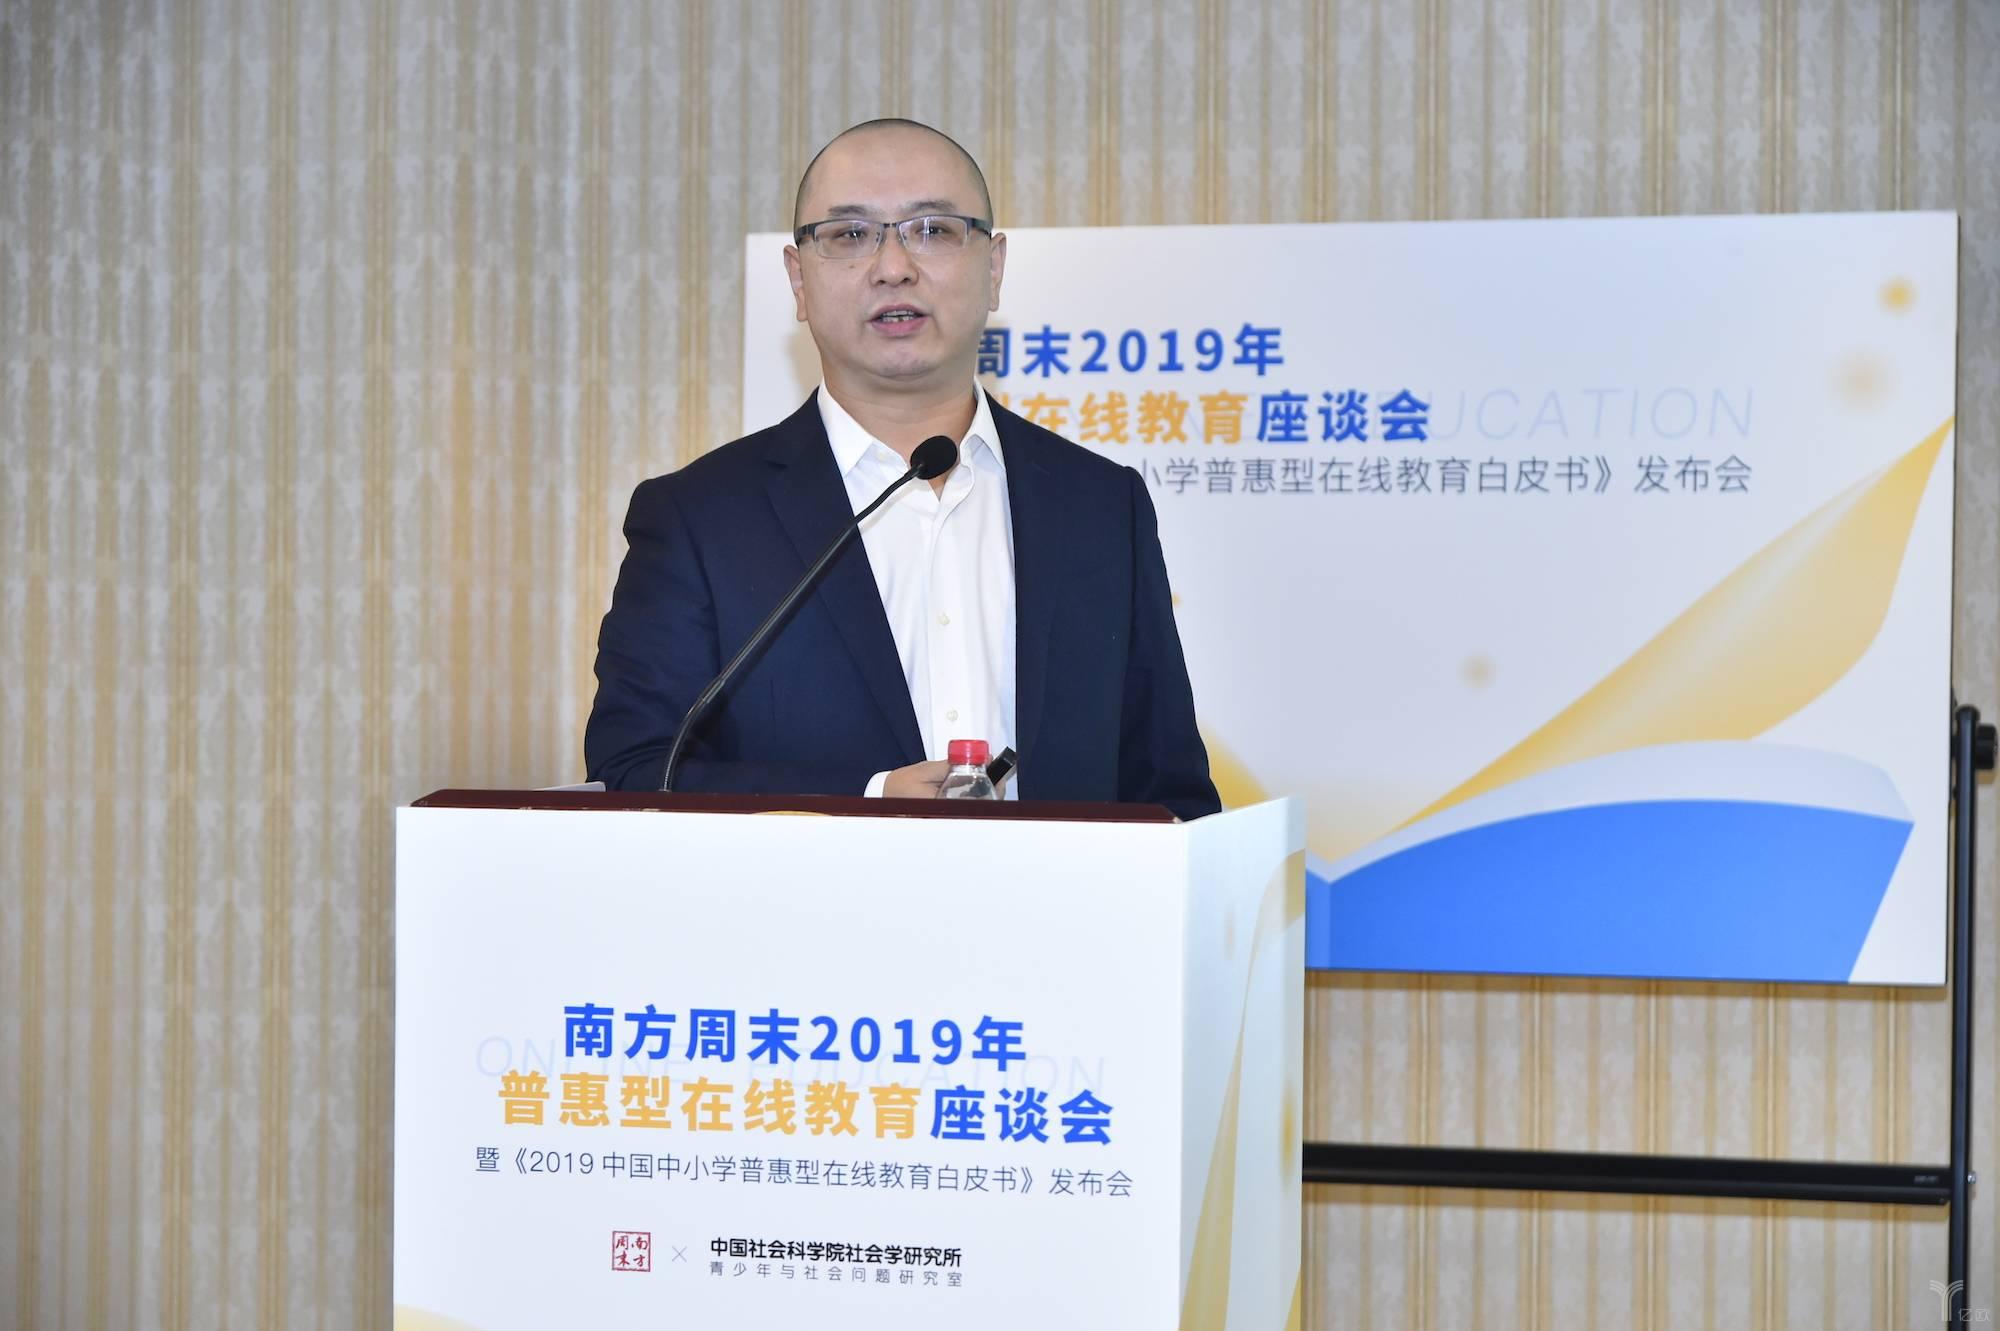 配图4:中国社会科学院社会学研究所青少年与社会问题研究室副主任田丰.JPG